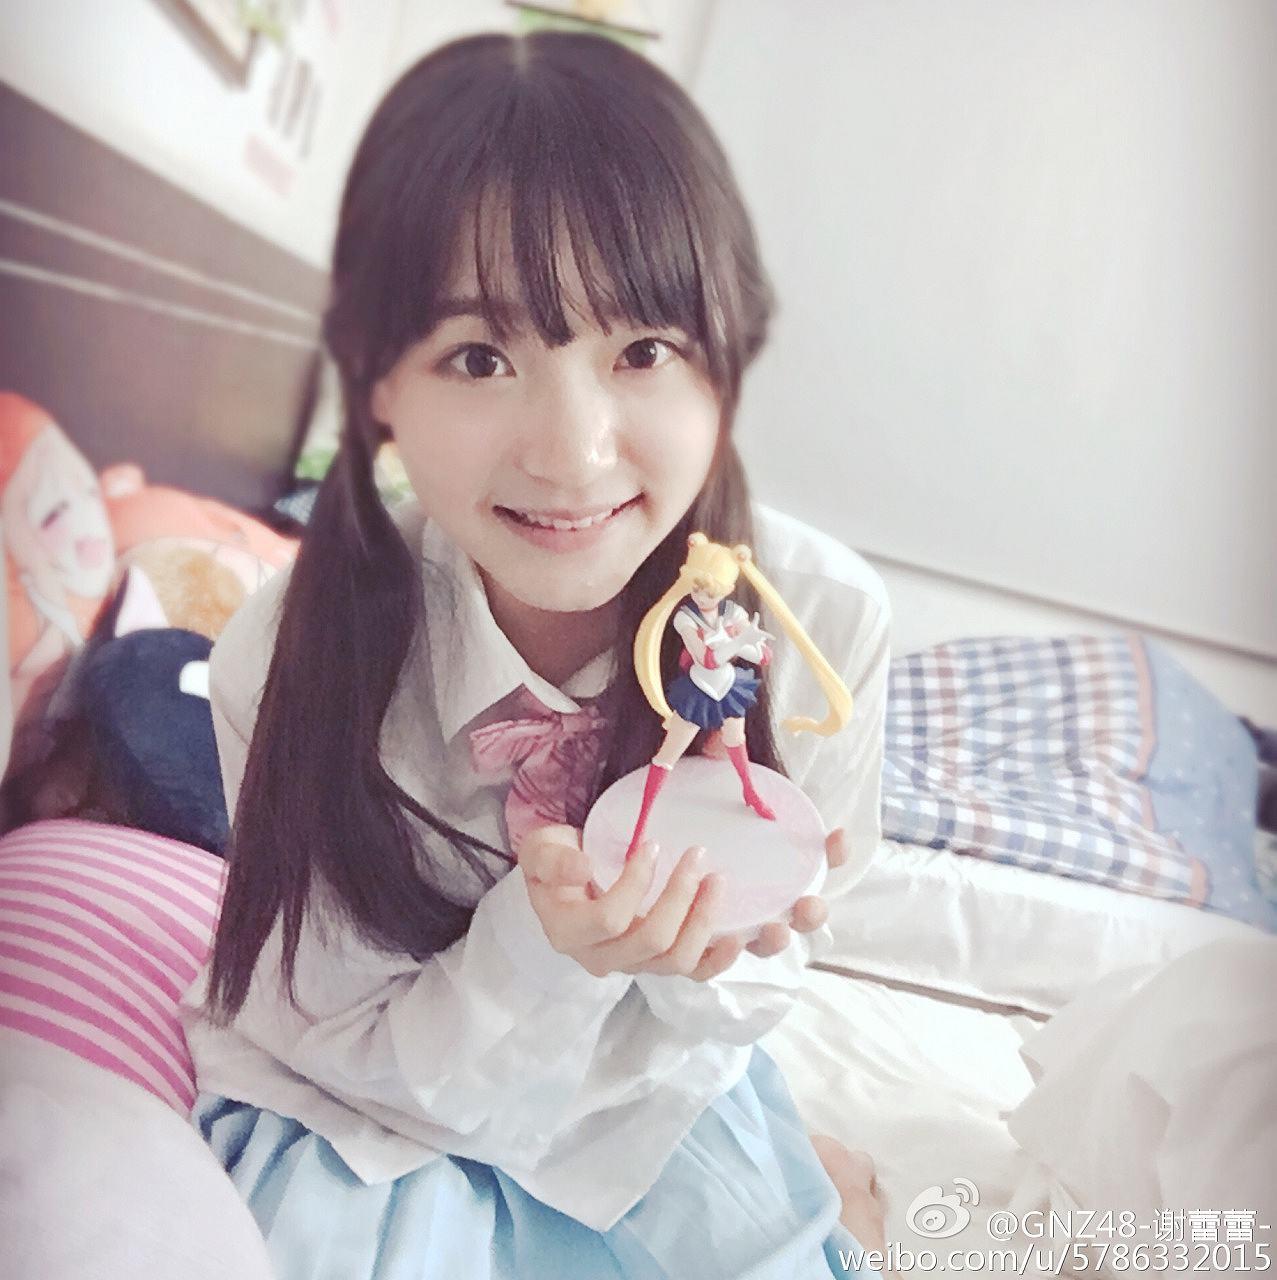 GNZ48の可愛いアイドル